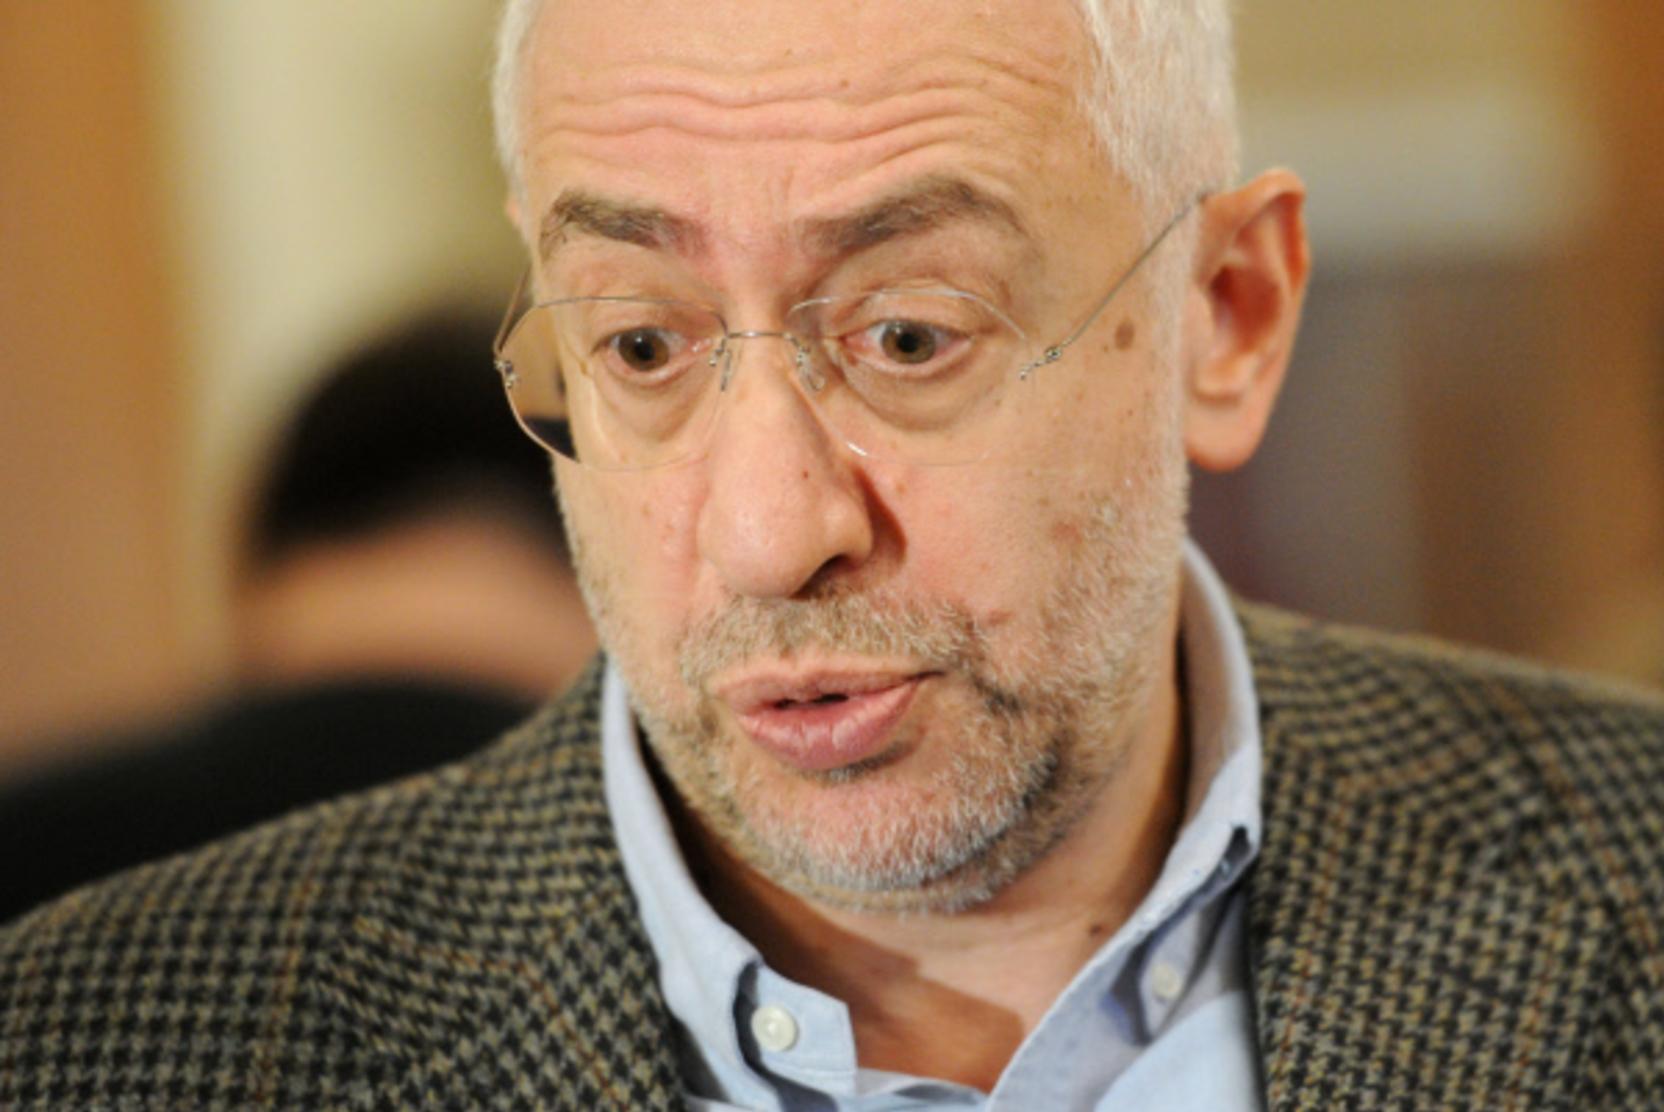 Сванидзе назвал «уголовщиной» призыв главы Чувашии «мочить» журналистов